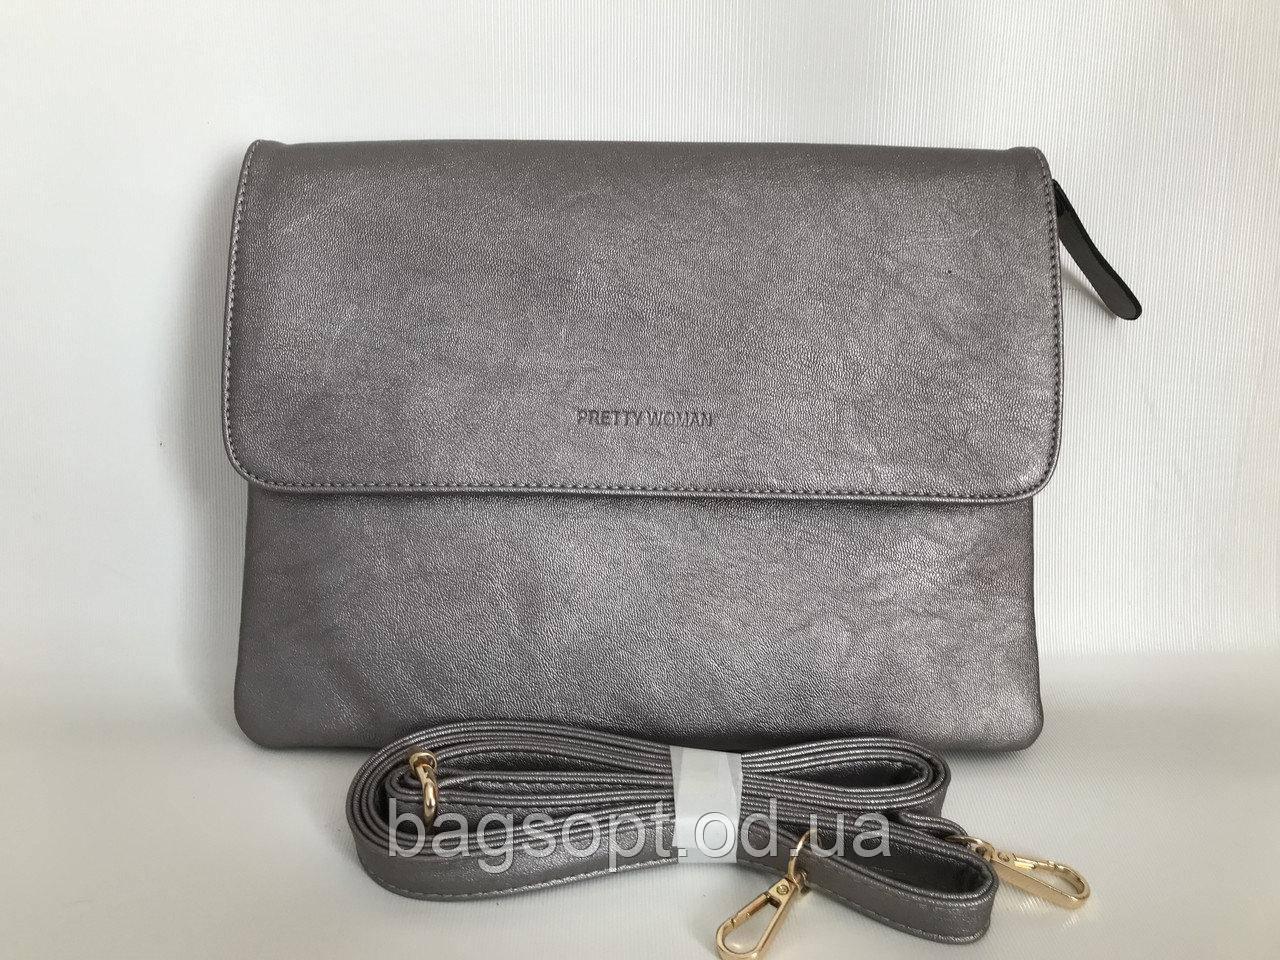 Женская сумка клатч Pretty Woman серебристого цвета на каждый день через плечо Одесса 7 км